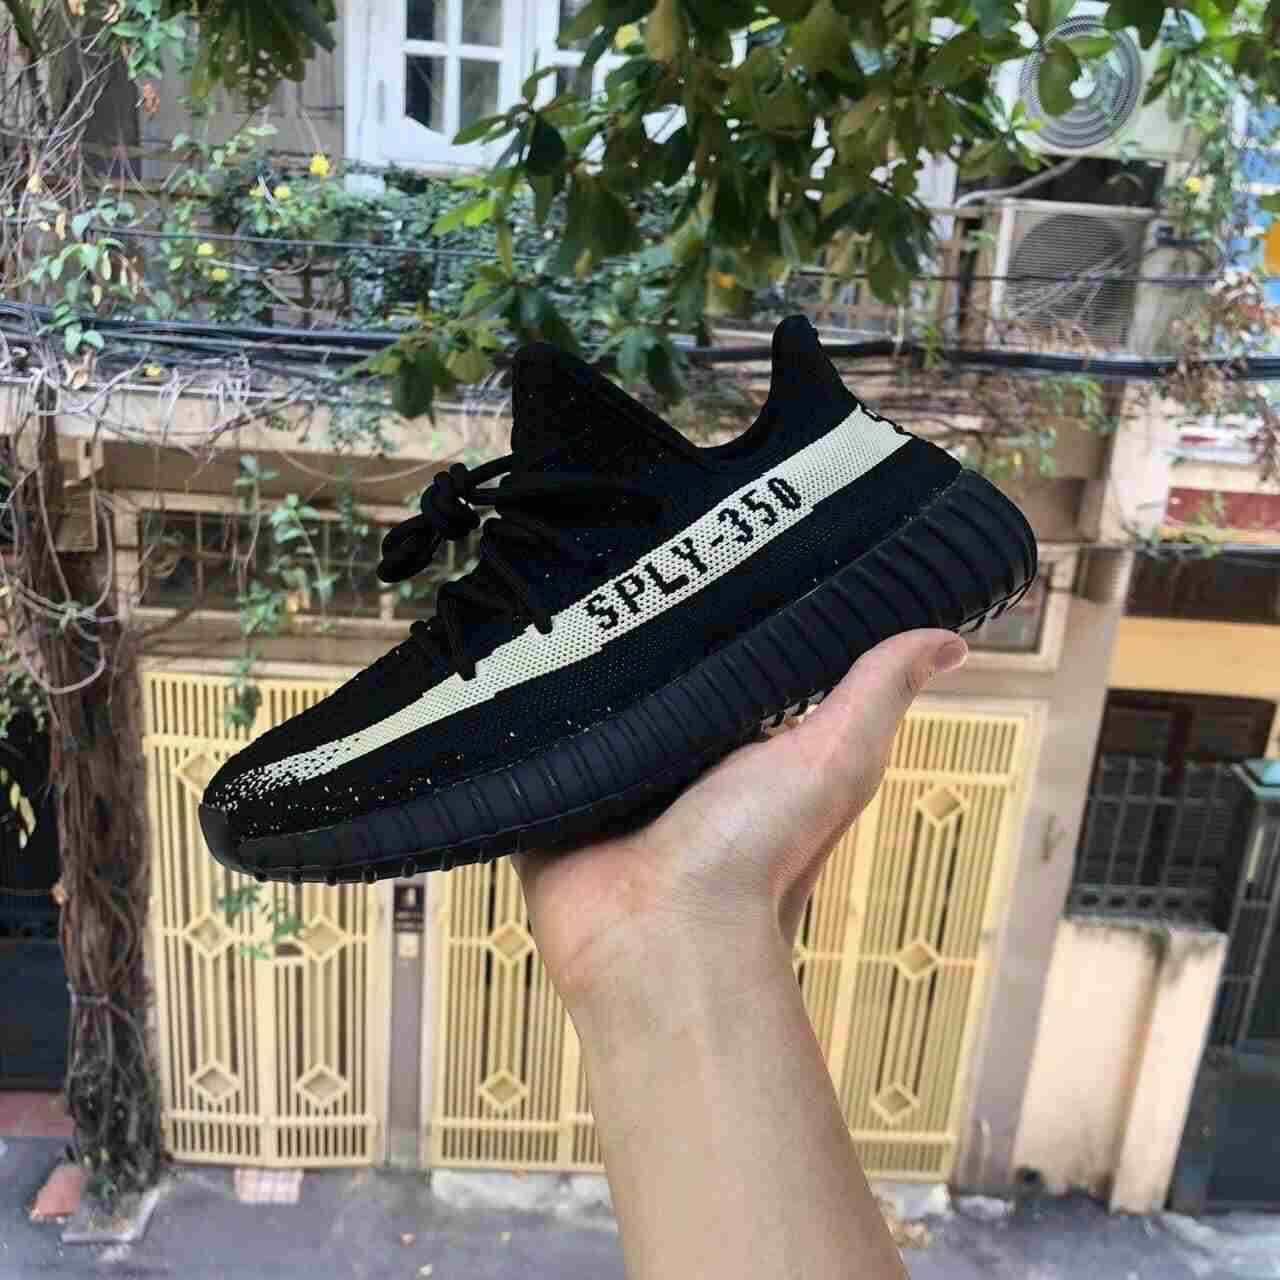 Mẫu giày YZ 350 Đen rep 1:1 có thiết kế đầy nam tính, mạnh mẽ với tông màu đen chủ đạo